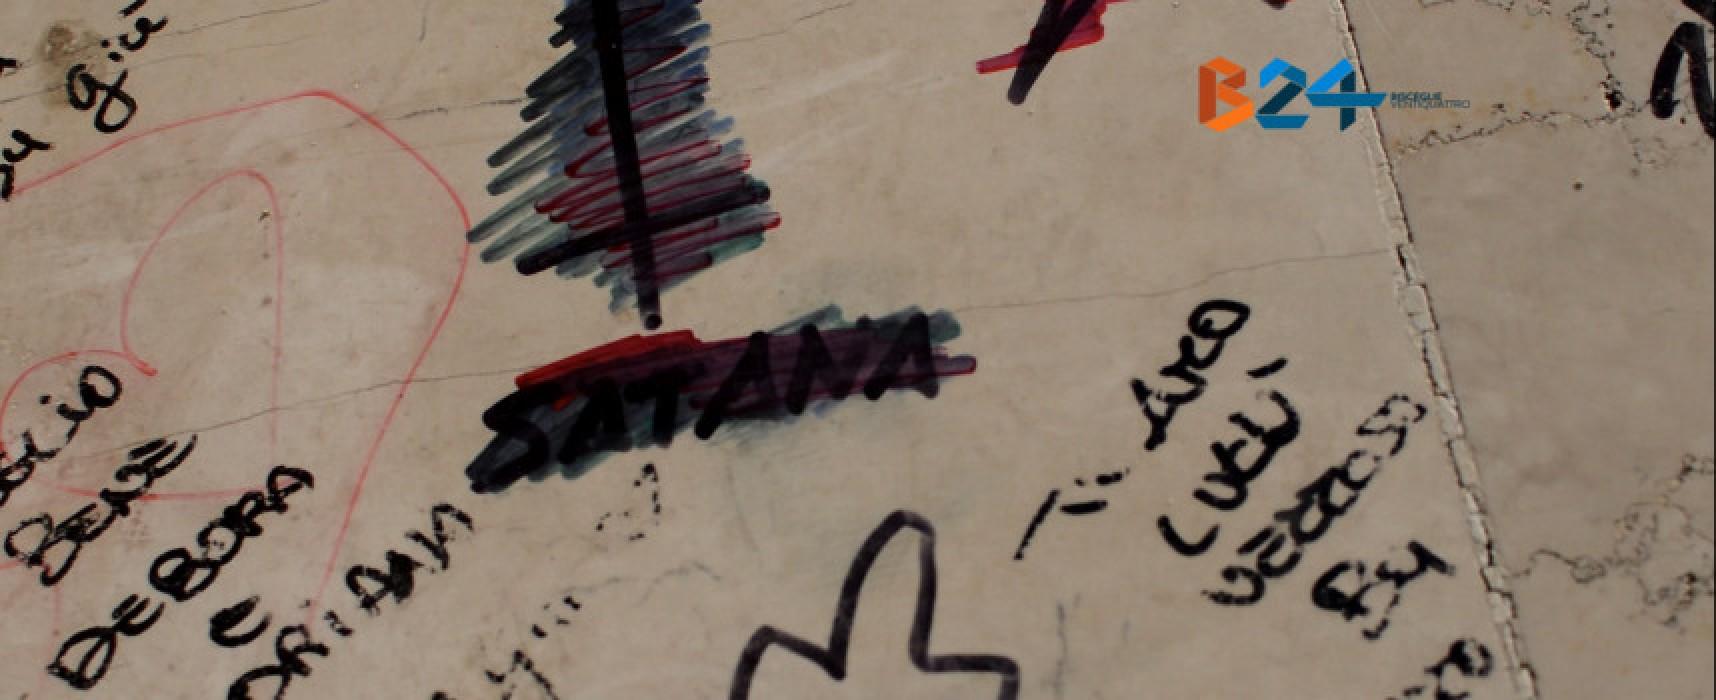 Atti vandalici nel parco di Santa Maria di Costantinopoli: l'appello di Don Domenico / VIDEO